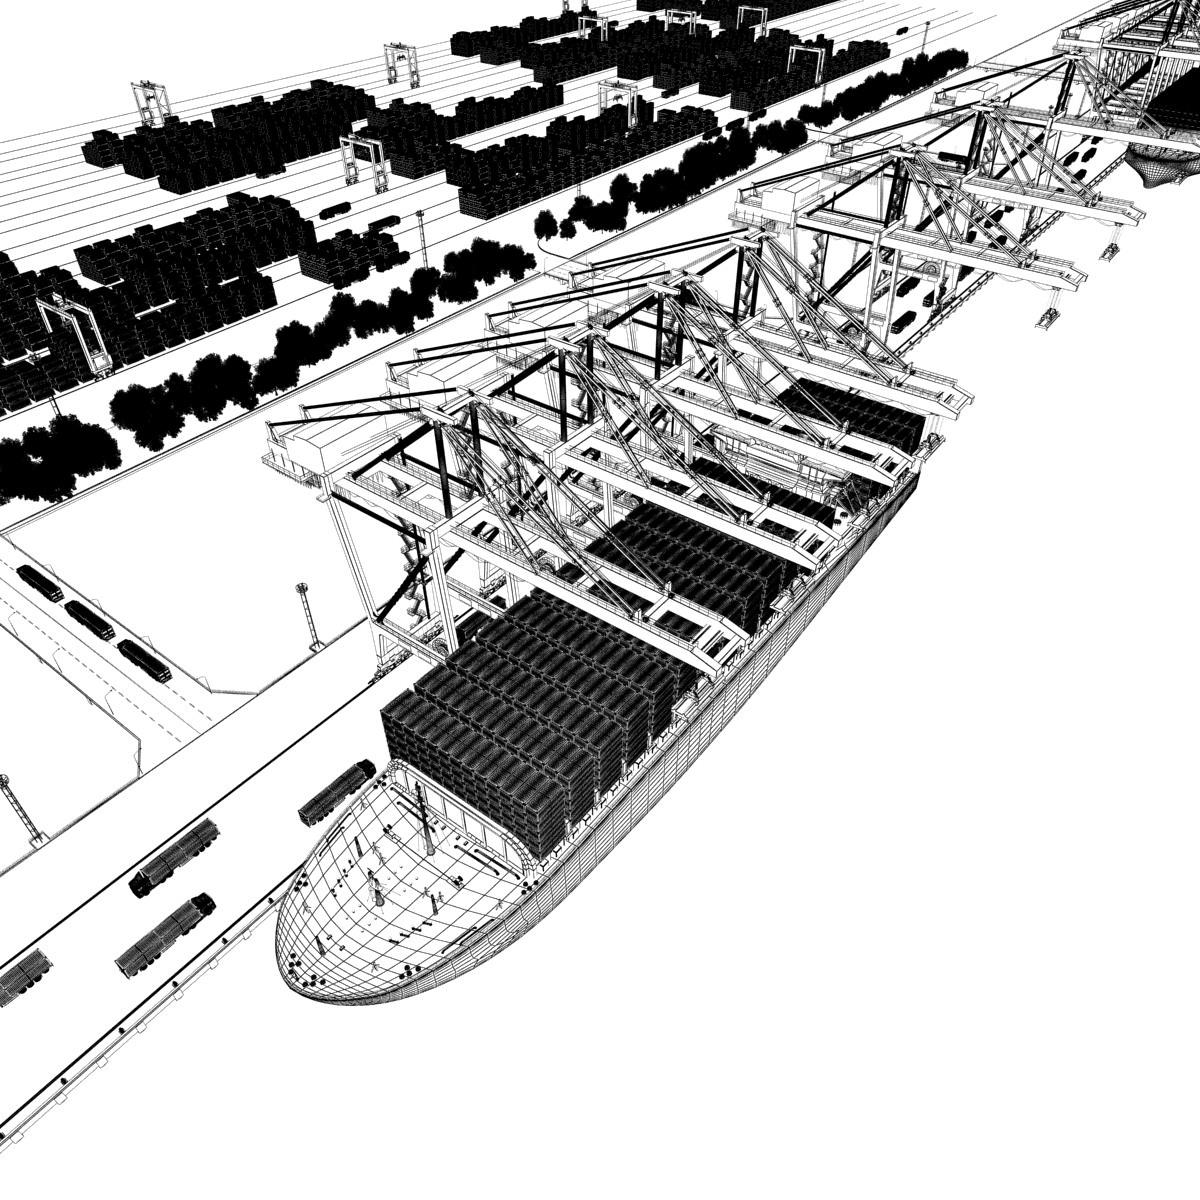 Cần mua đầu tư cảng Sông và cảng Biển tại Việt Nam